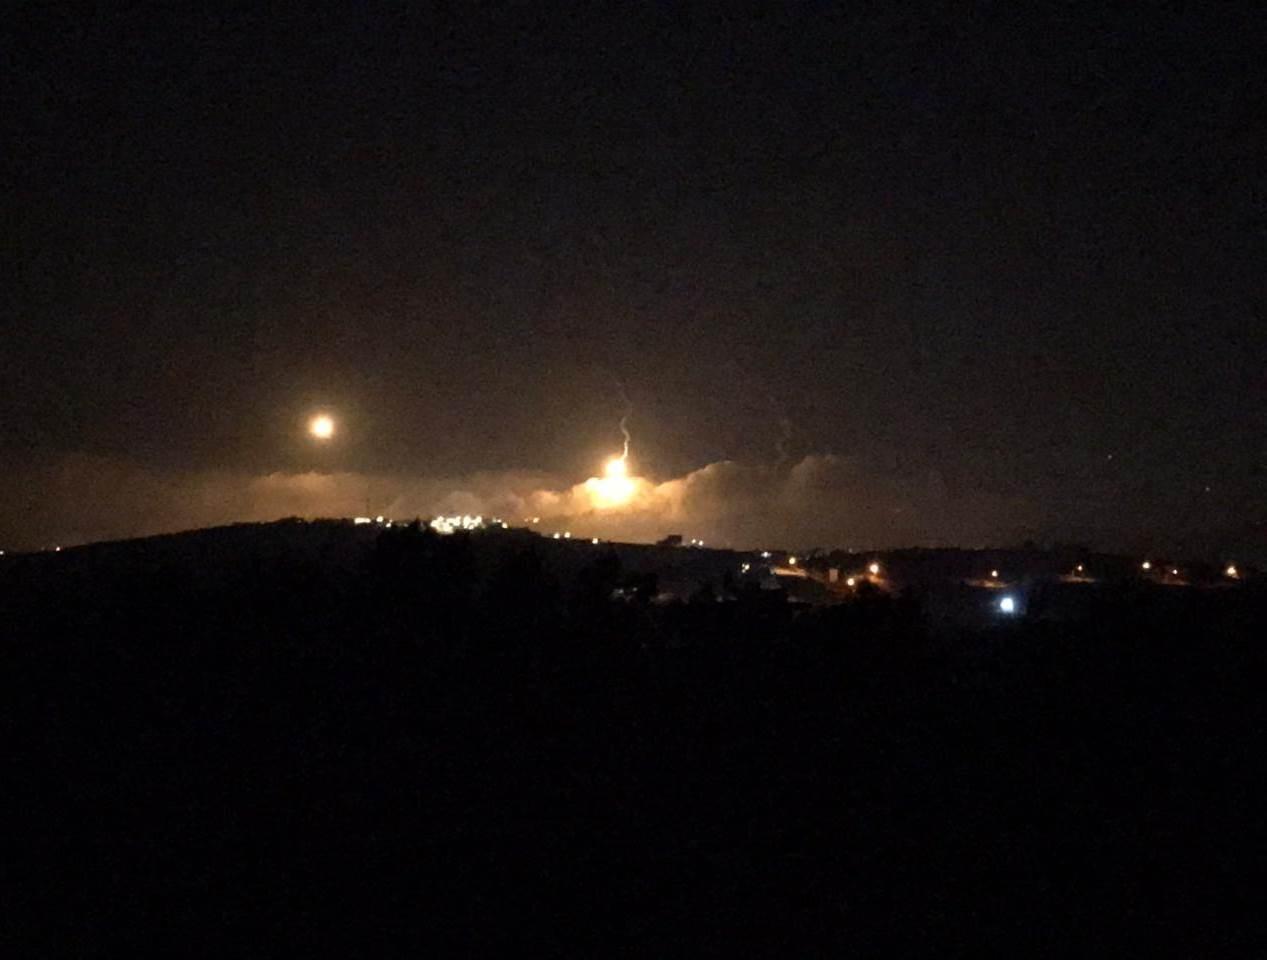 إعلام إسرائيلي: المنطقة تشهد تحليقا كثيفا للطائرات الحربية والمروحية